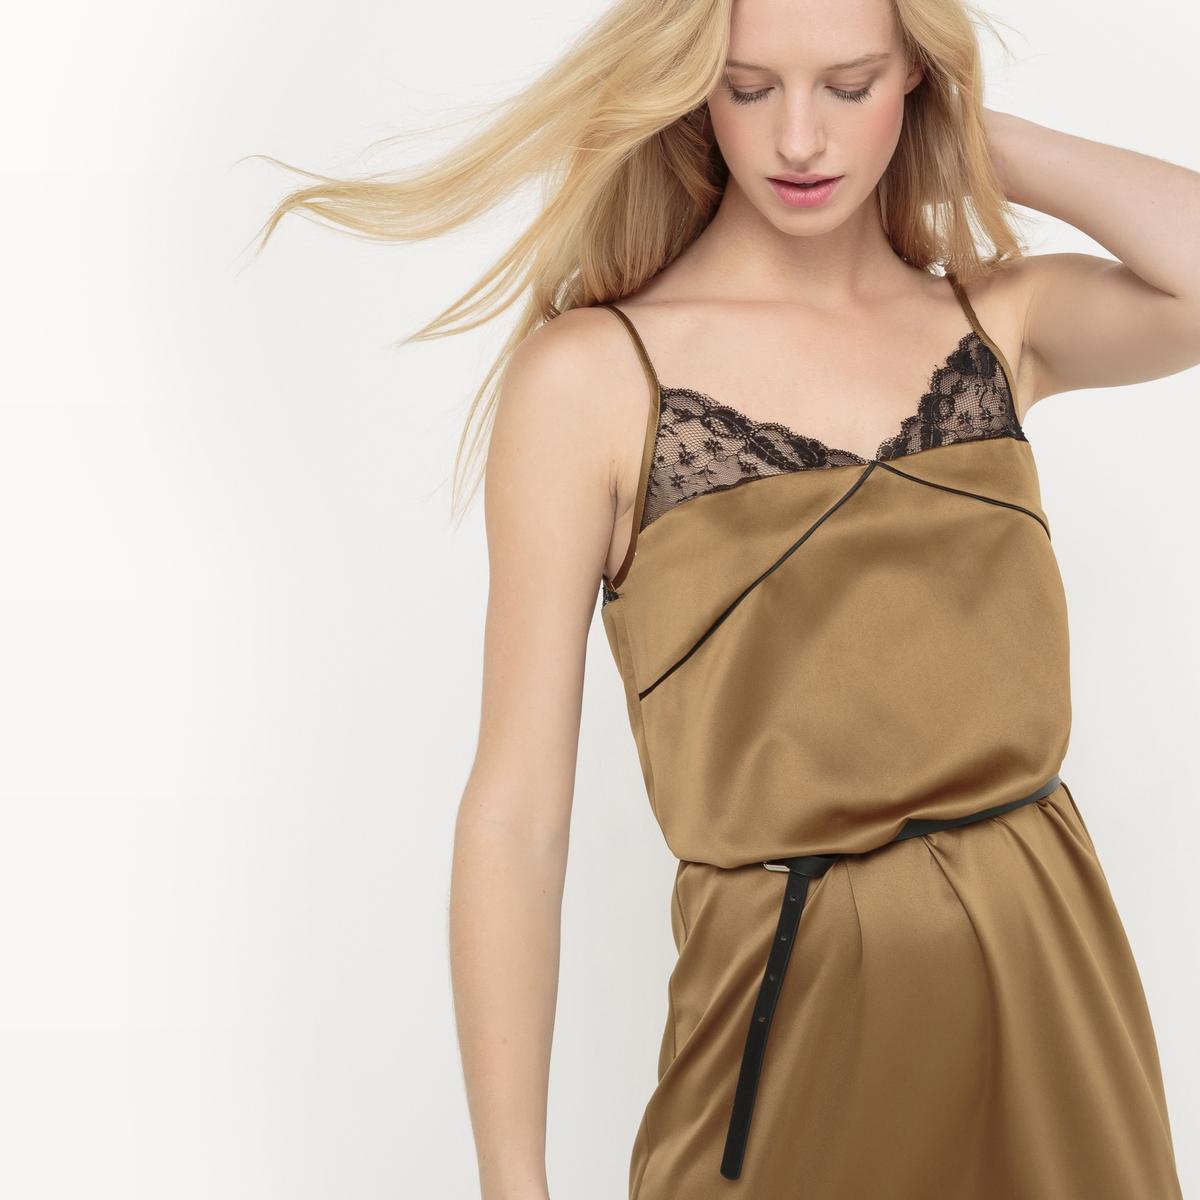 Платье из сатинаПлатье в форме ночной рубашки из сатина. Тонкие бретели. Прямой покрой. Две шлицы внизу по бокам. Кружево сверху и на уровне шлиц . Тонкий контрастный кант, подчеркивающий бюстье .    Состав и описаниеМатериал : 100% полиэстерДлина : 115 смМарка :      R ?ditionУход Машинная стирка при 30 °C в деликатном режиме Стирать с вещами схожих цветовМашинная сушка при умеренной температуре.Глажка при очень низкой температуре<br><br>Цвет: бронзовый<br>Размер: 36 (FR) - 42 (RUS)